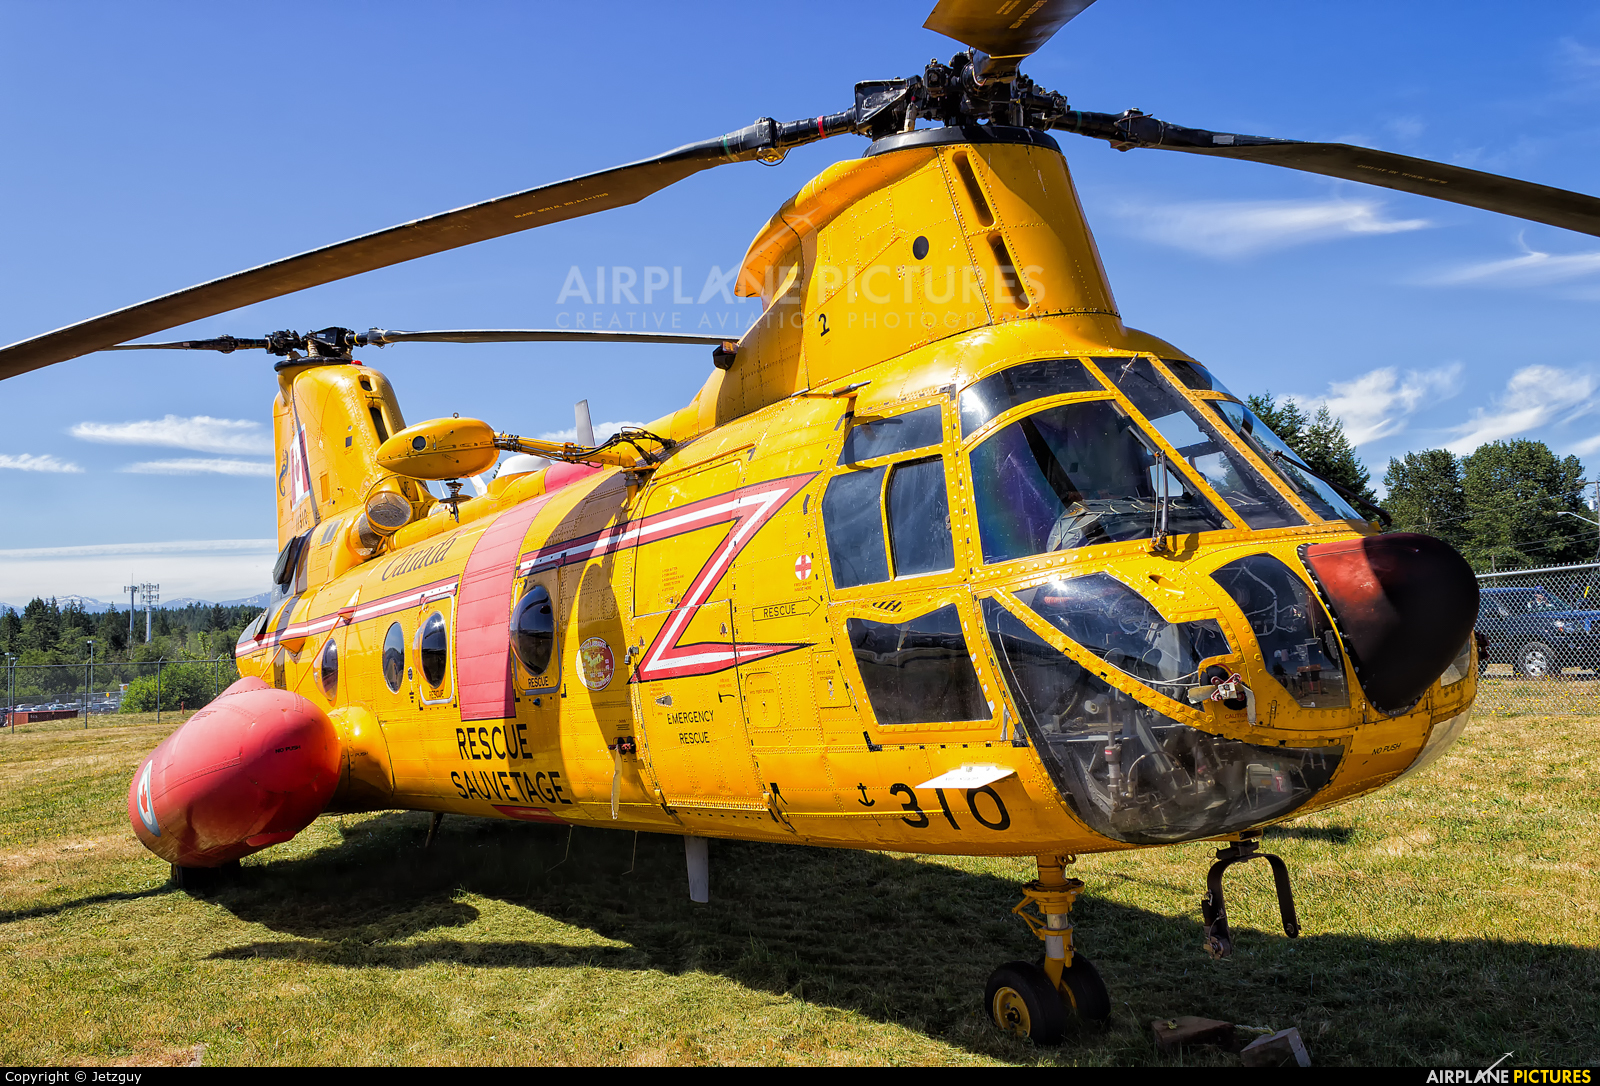 Canada - Air Force 11310 aircraft at Comox, BC